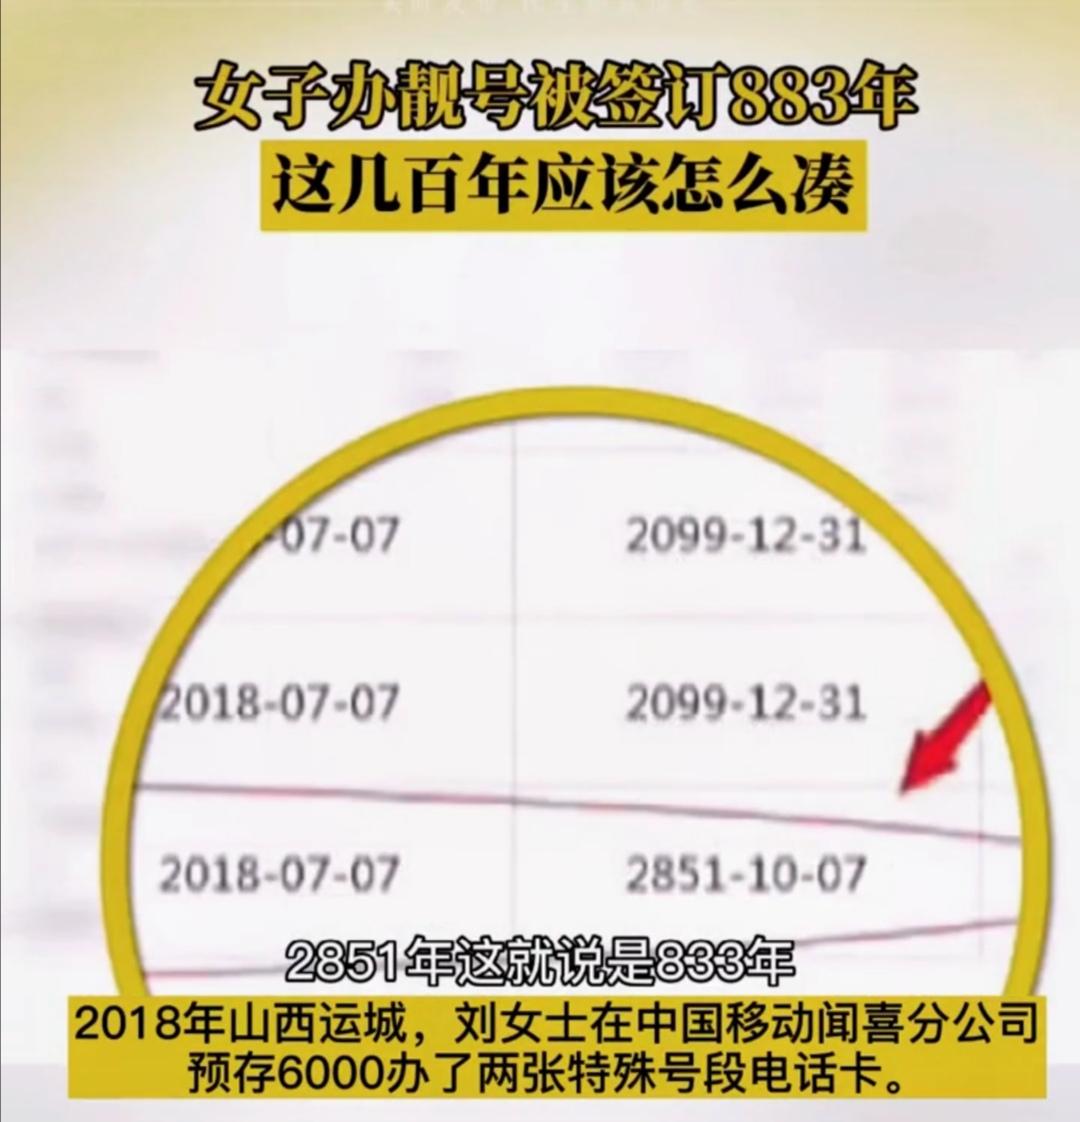 山西省运城刘女士 中国移动号被冒名签833年协议 中国移动闻喜县分公司法人名下有9家公司